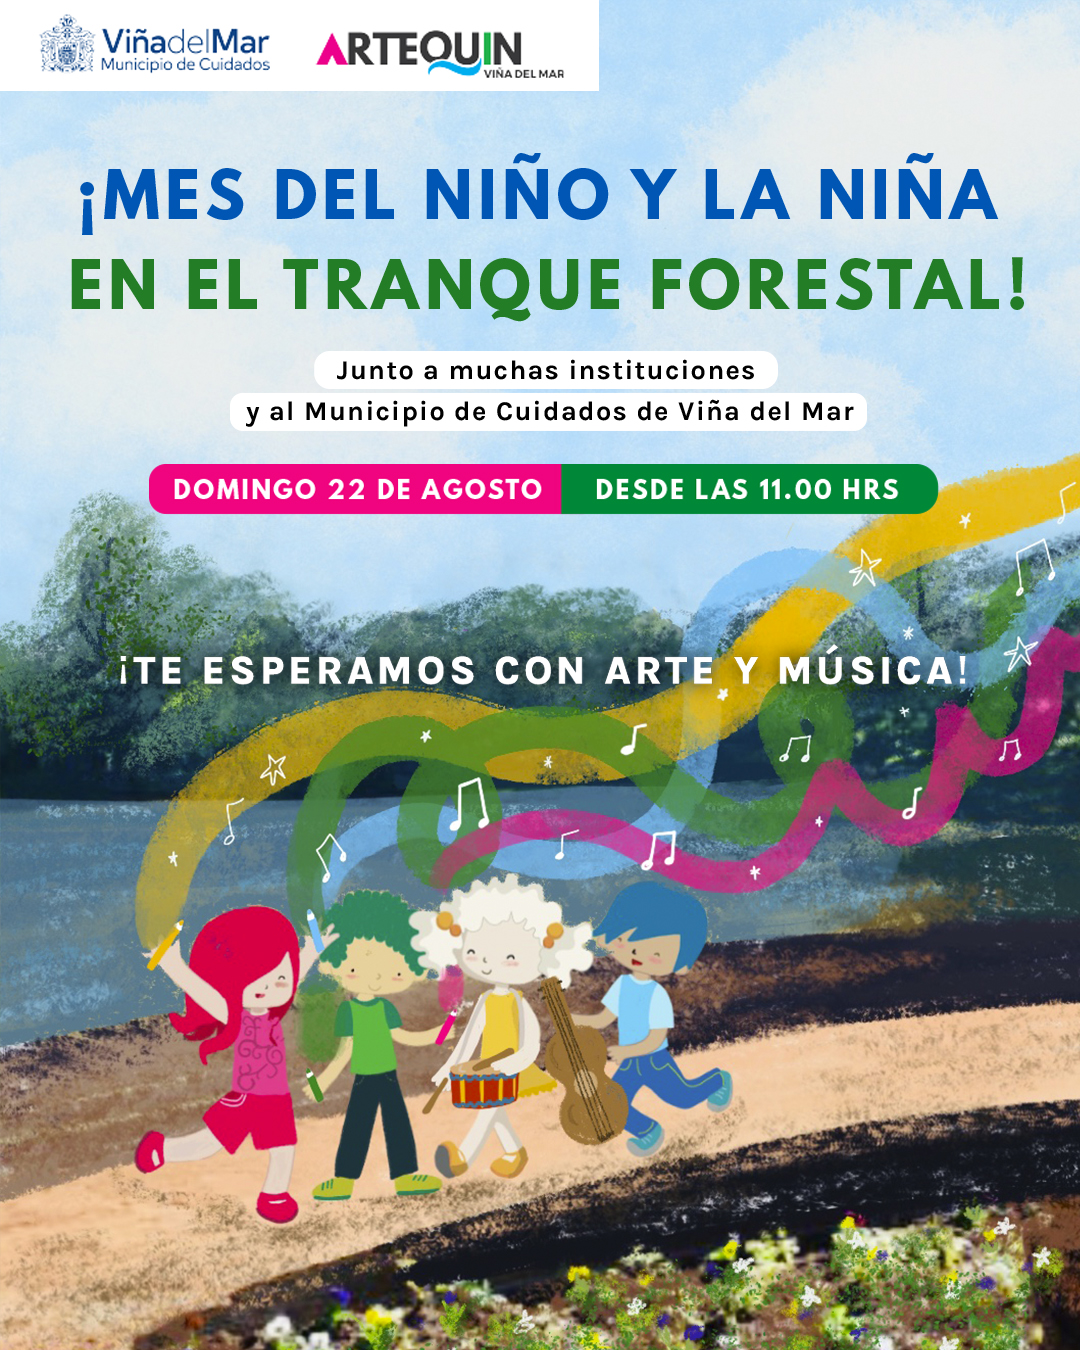 museo artequin viña dia del niño y niña tranque forestal